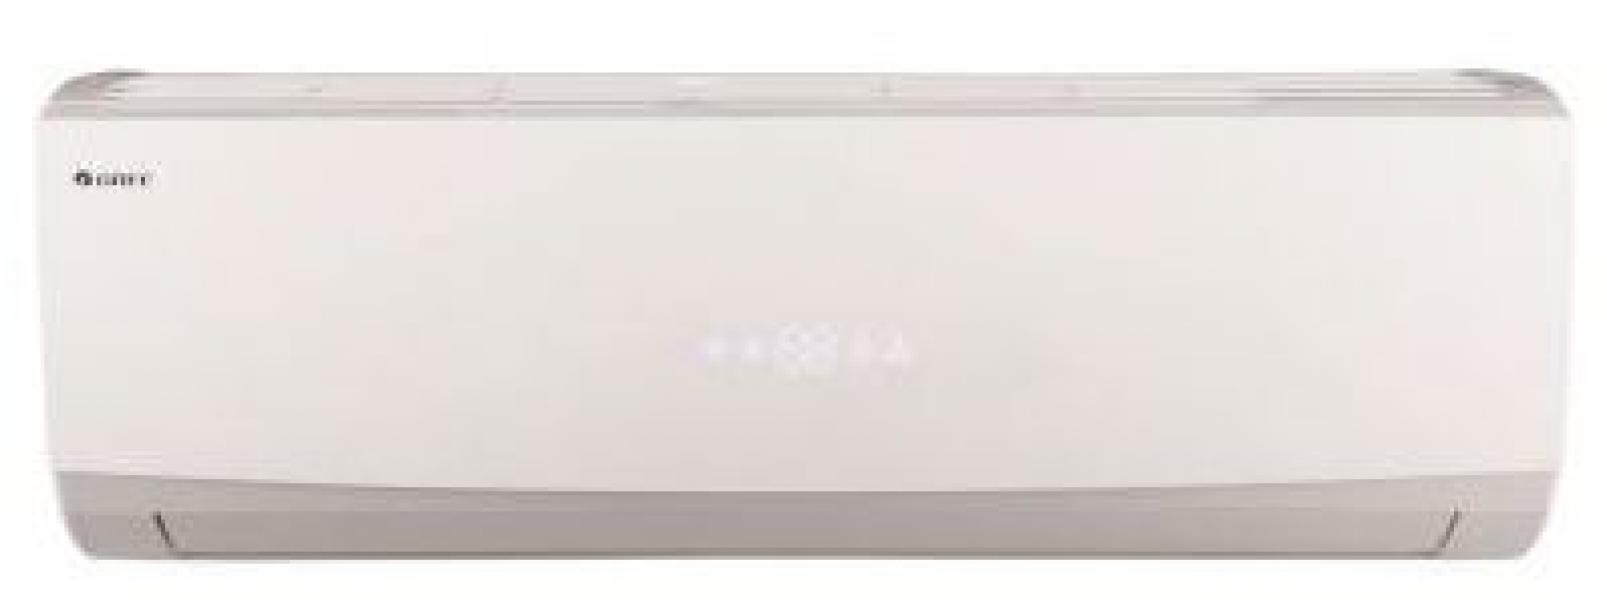 Photo 1 La gamme Free Match vous propose 155 compositions différentes, technologie G10 inverter chauffage -20° C 5kw/5.6kw  les unités intérieures de la gamme LOMO vous propose un affichage led design , compact, fonction ifeel.  2.5kw/2.6kw - GREE PRODUCTS